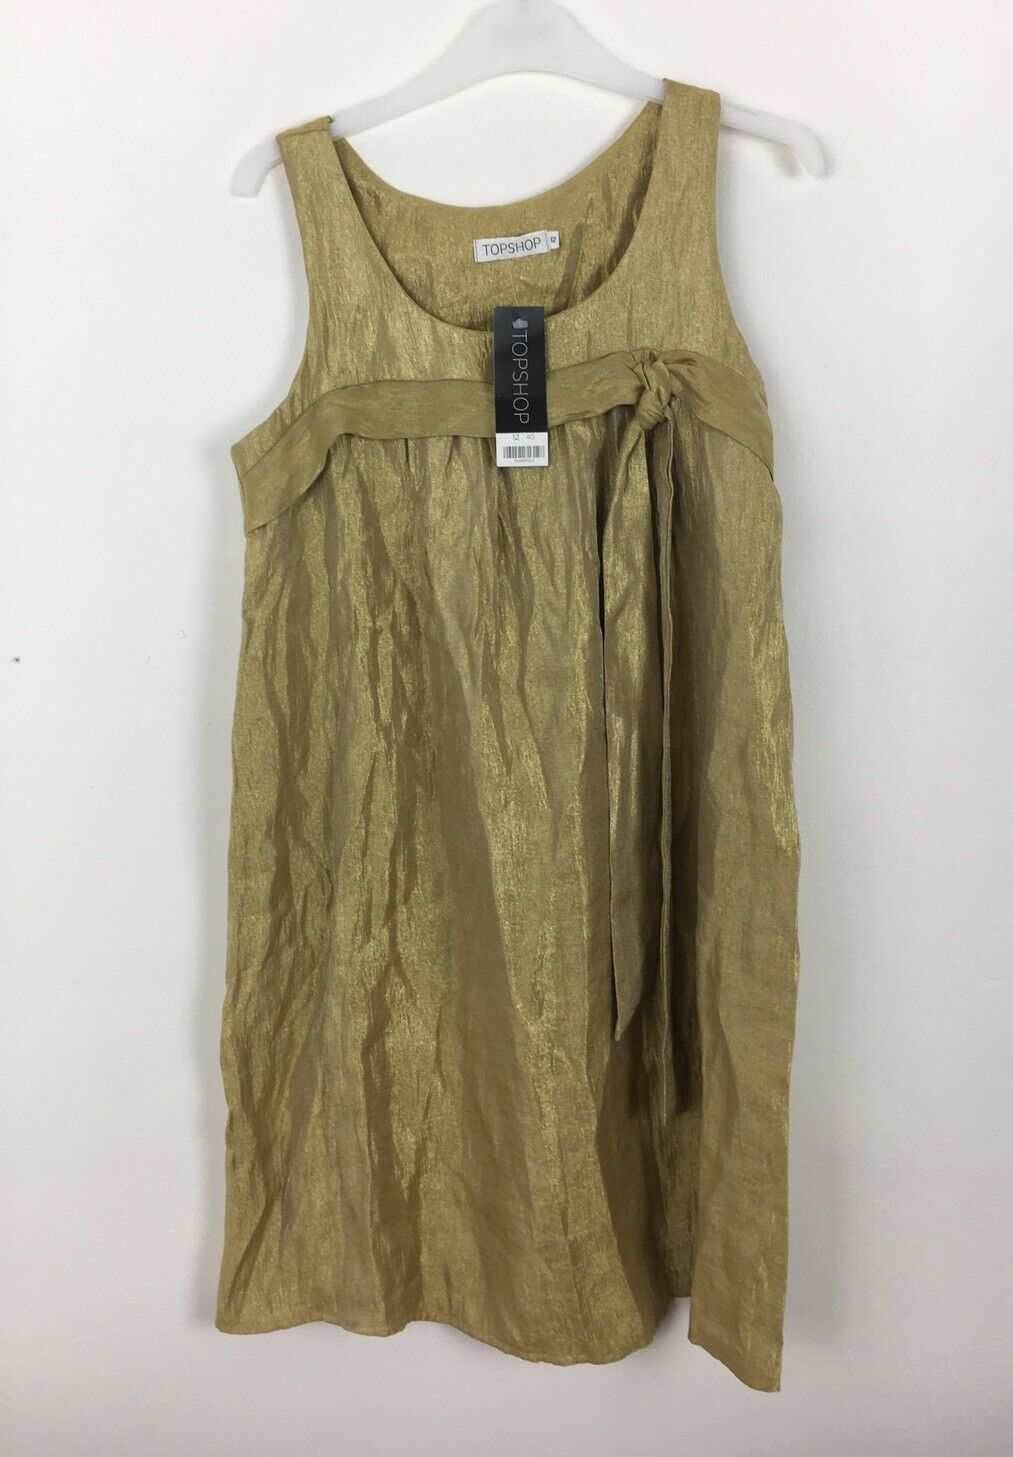 Topshop Gold Metallic Shimmer Sleeveless Dress Größe 12 -   (B1) | Authentische Garantie  | Viele Stile  | Überlegen